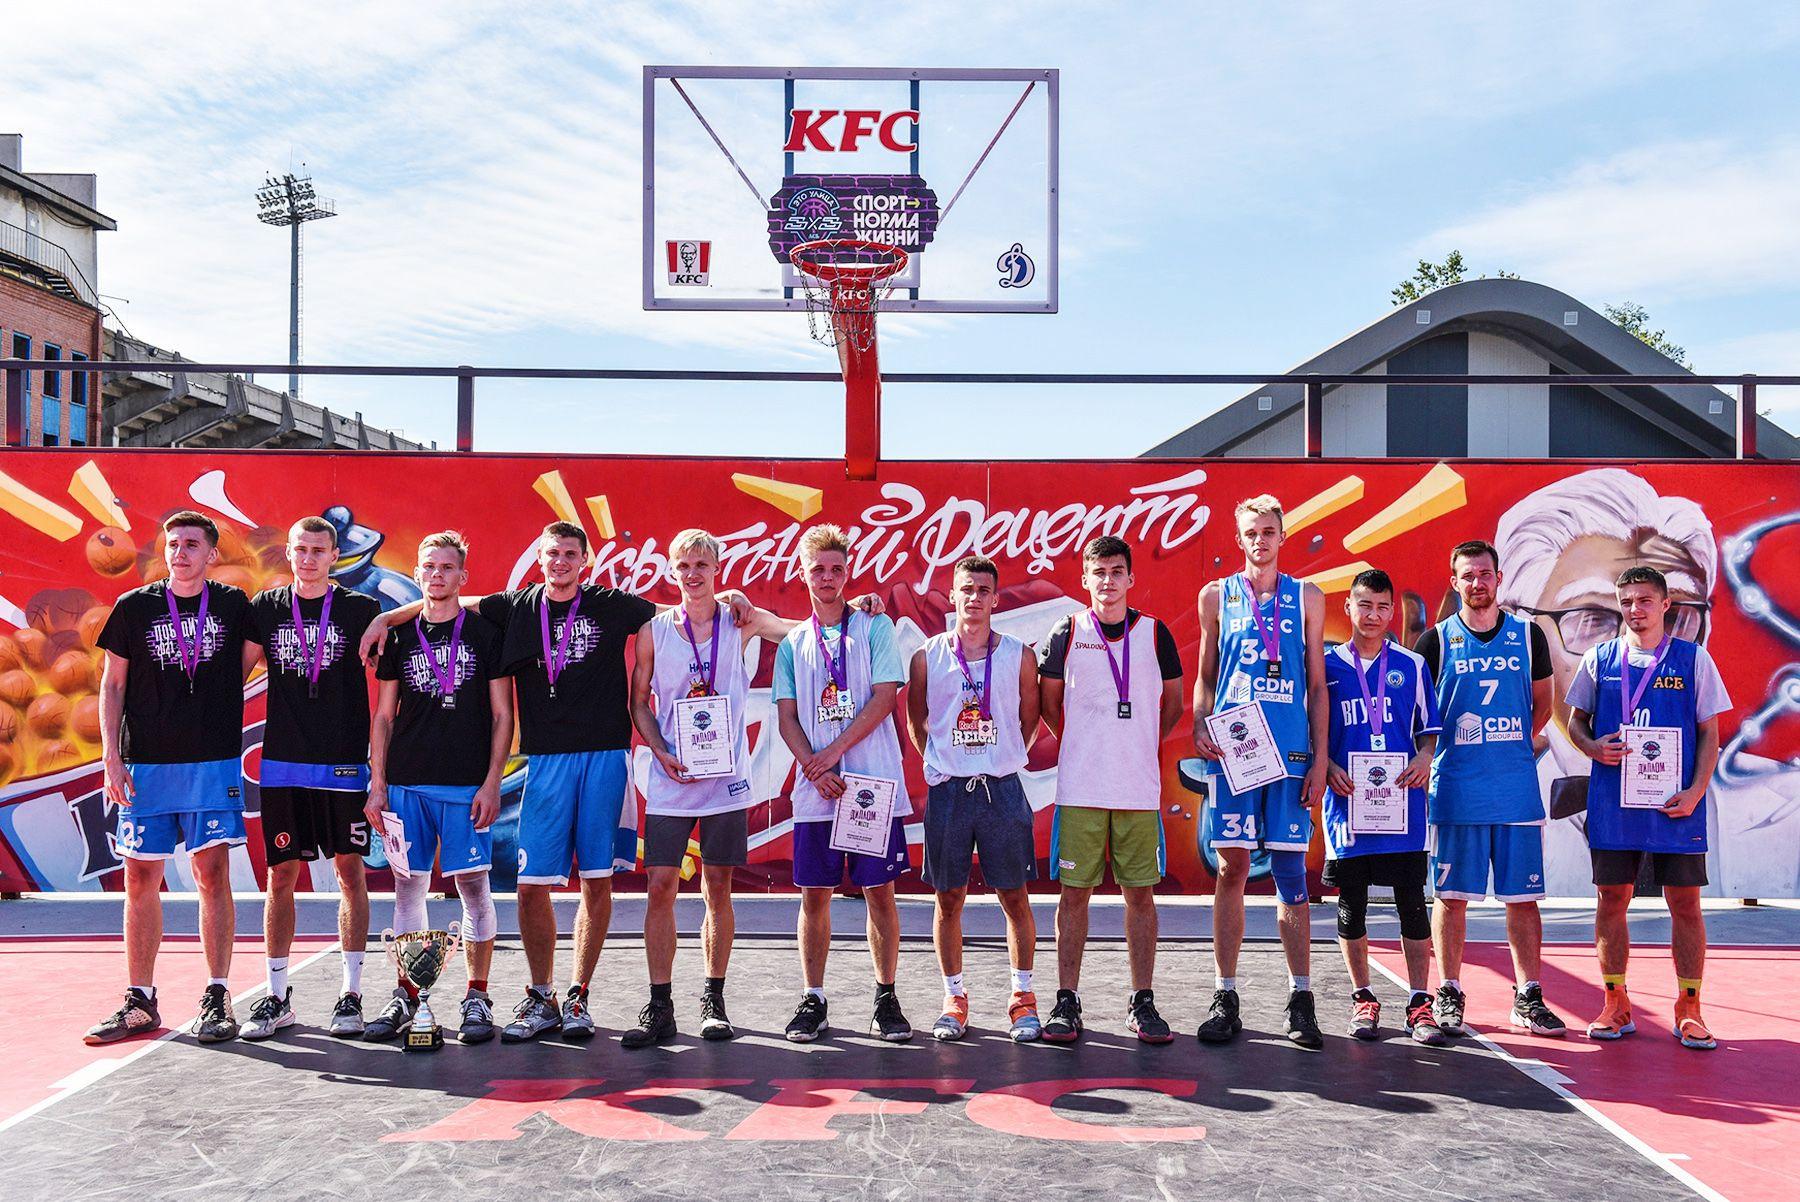 Команда ВГУЭС выиграла турнир АСБ 3Х3 во Владивостоке, суперфинал пройдет в Москве